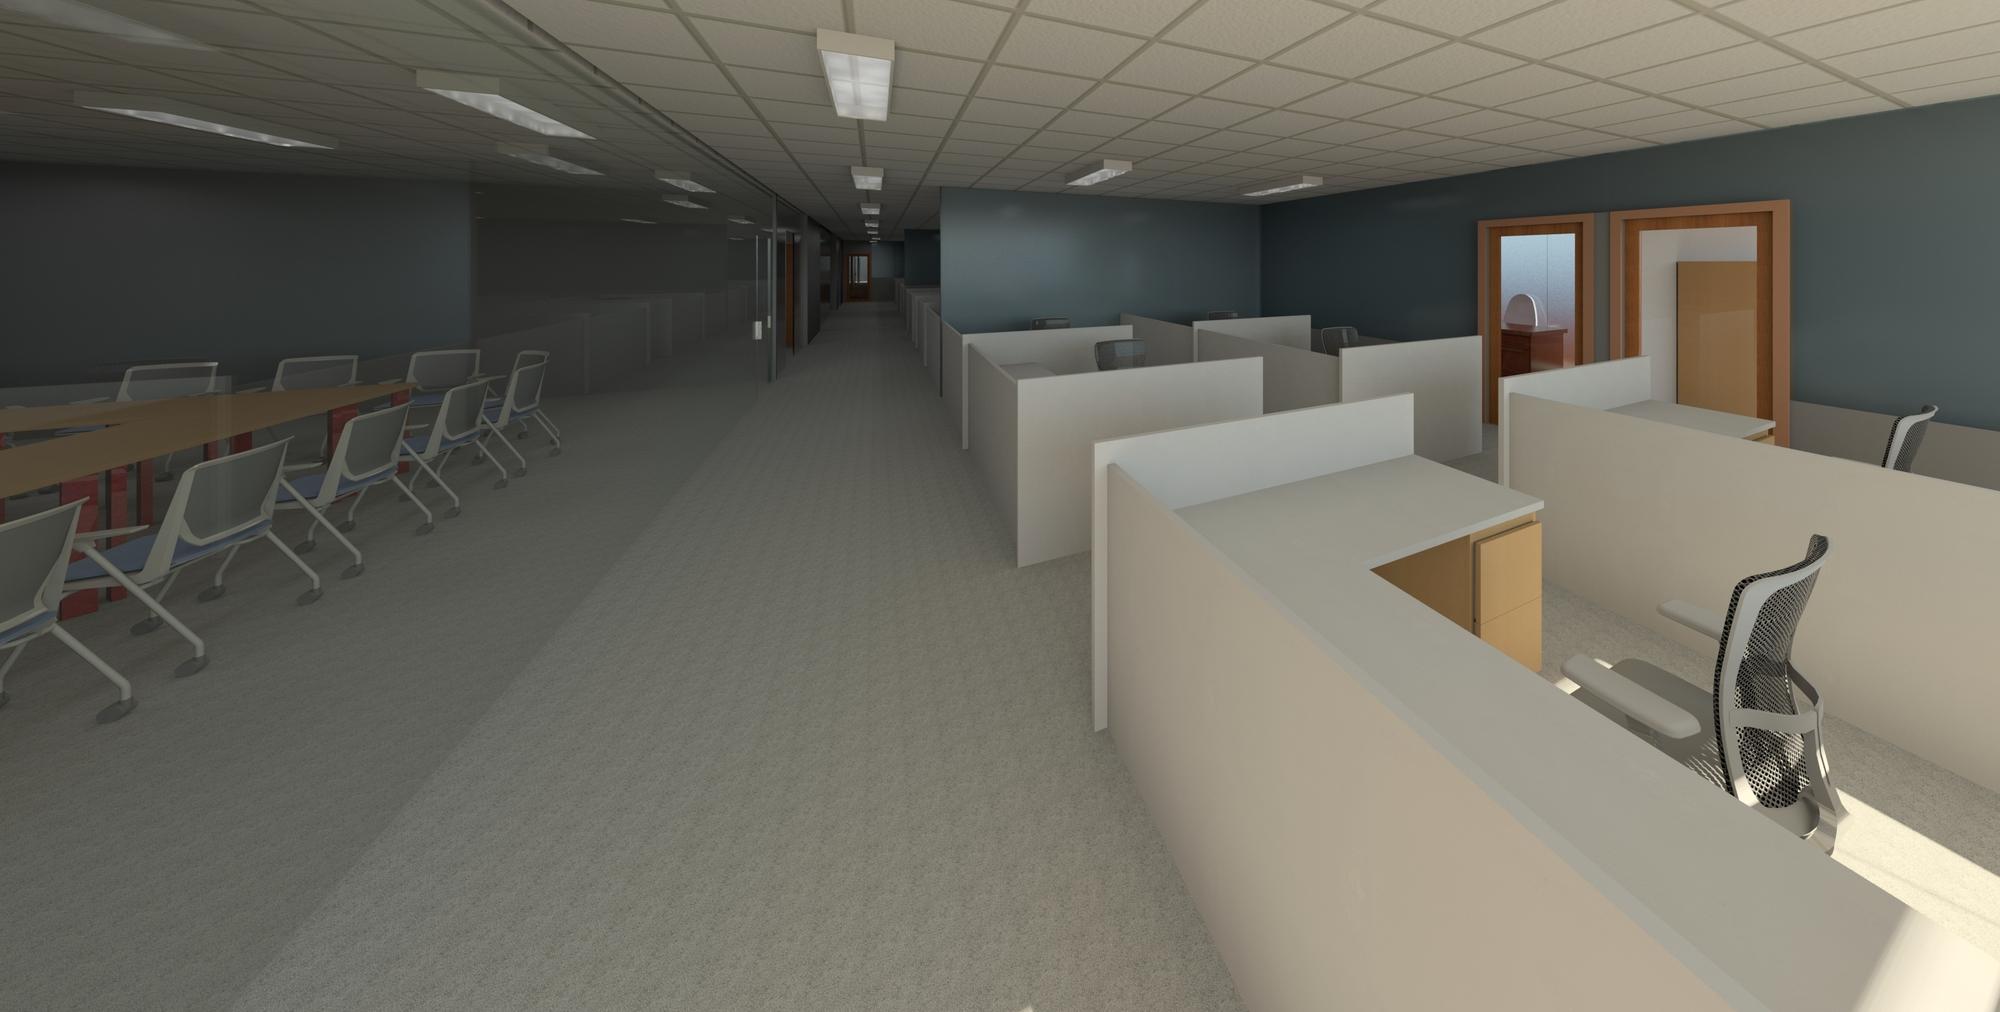 Raas-rendering20141111-24760-u4ig6b